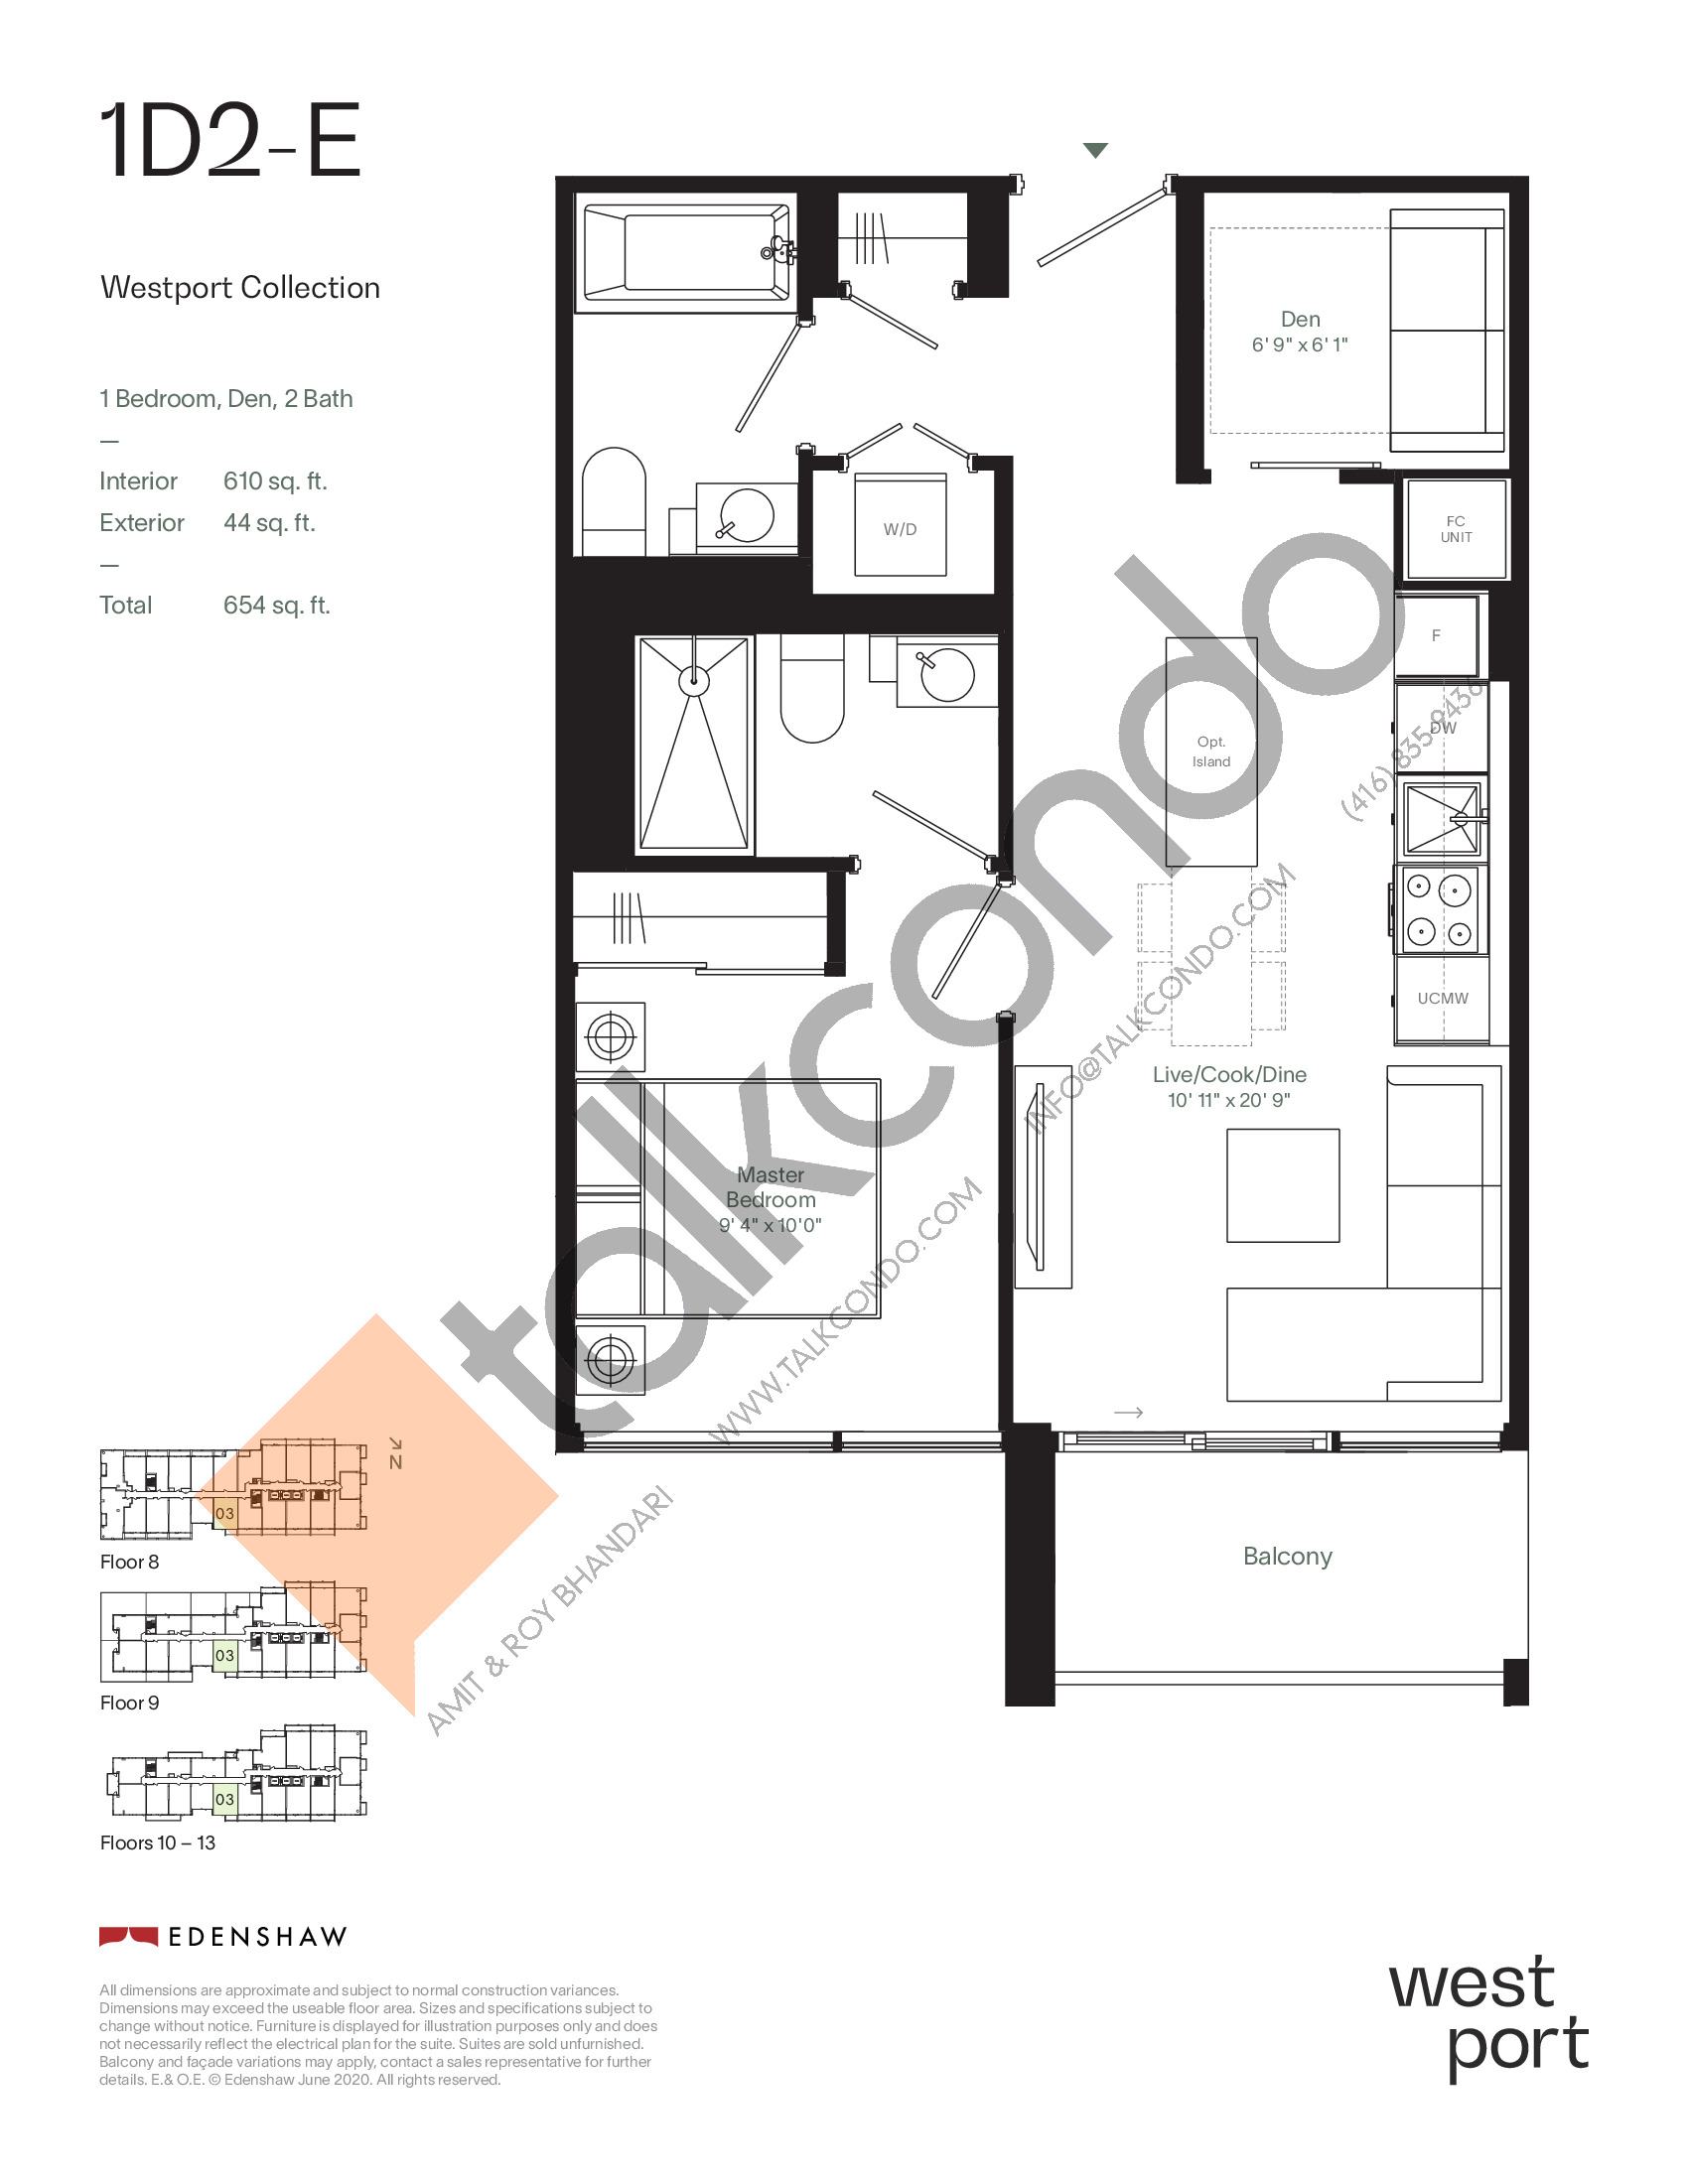 1D2-E - Westport Collection Floor Plan at Westport Condos - 610 sq.ft